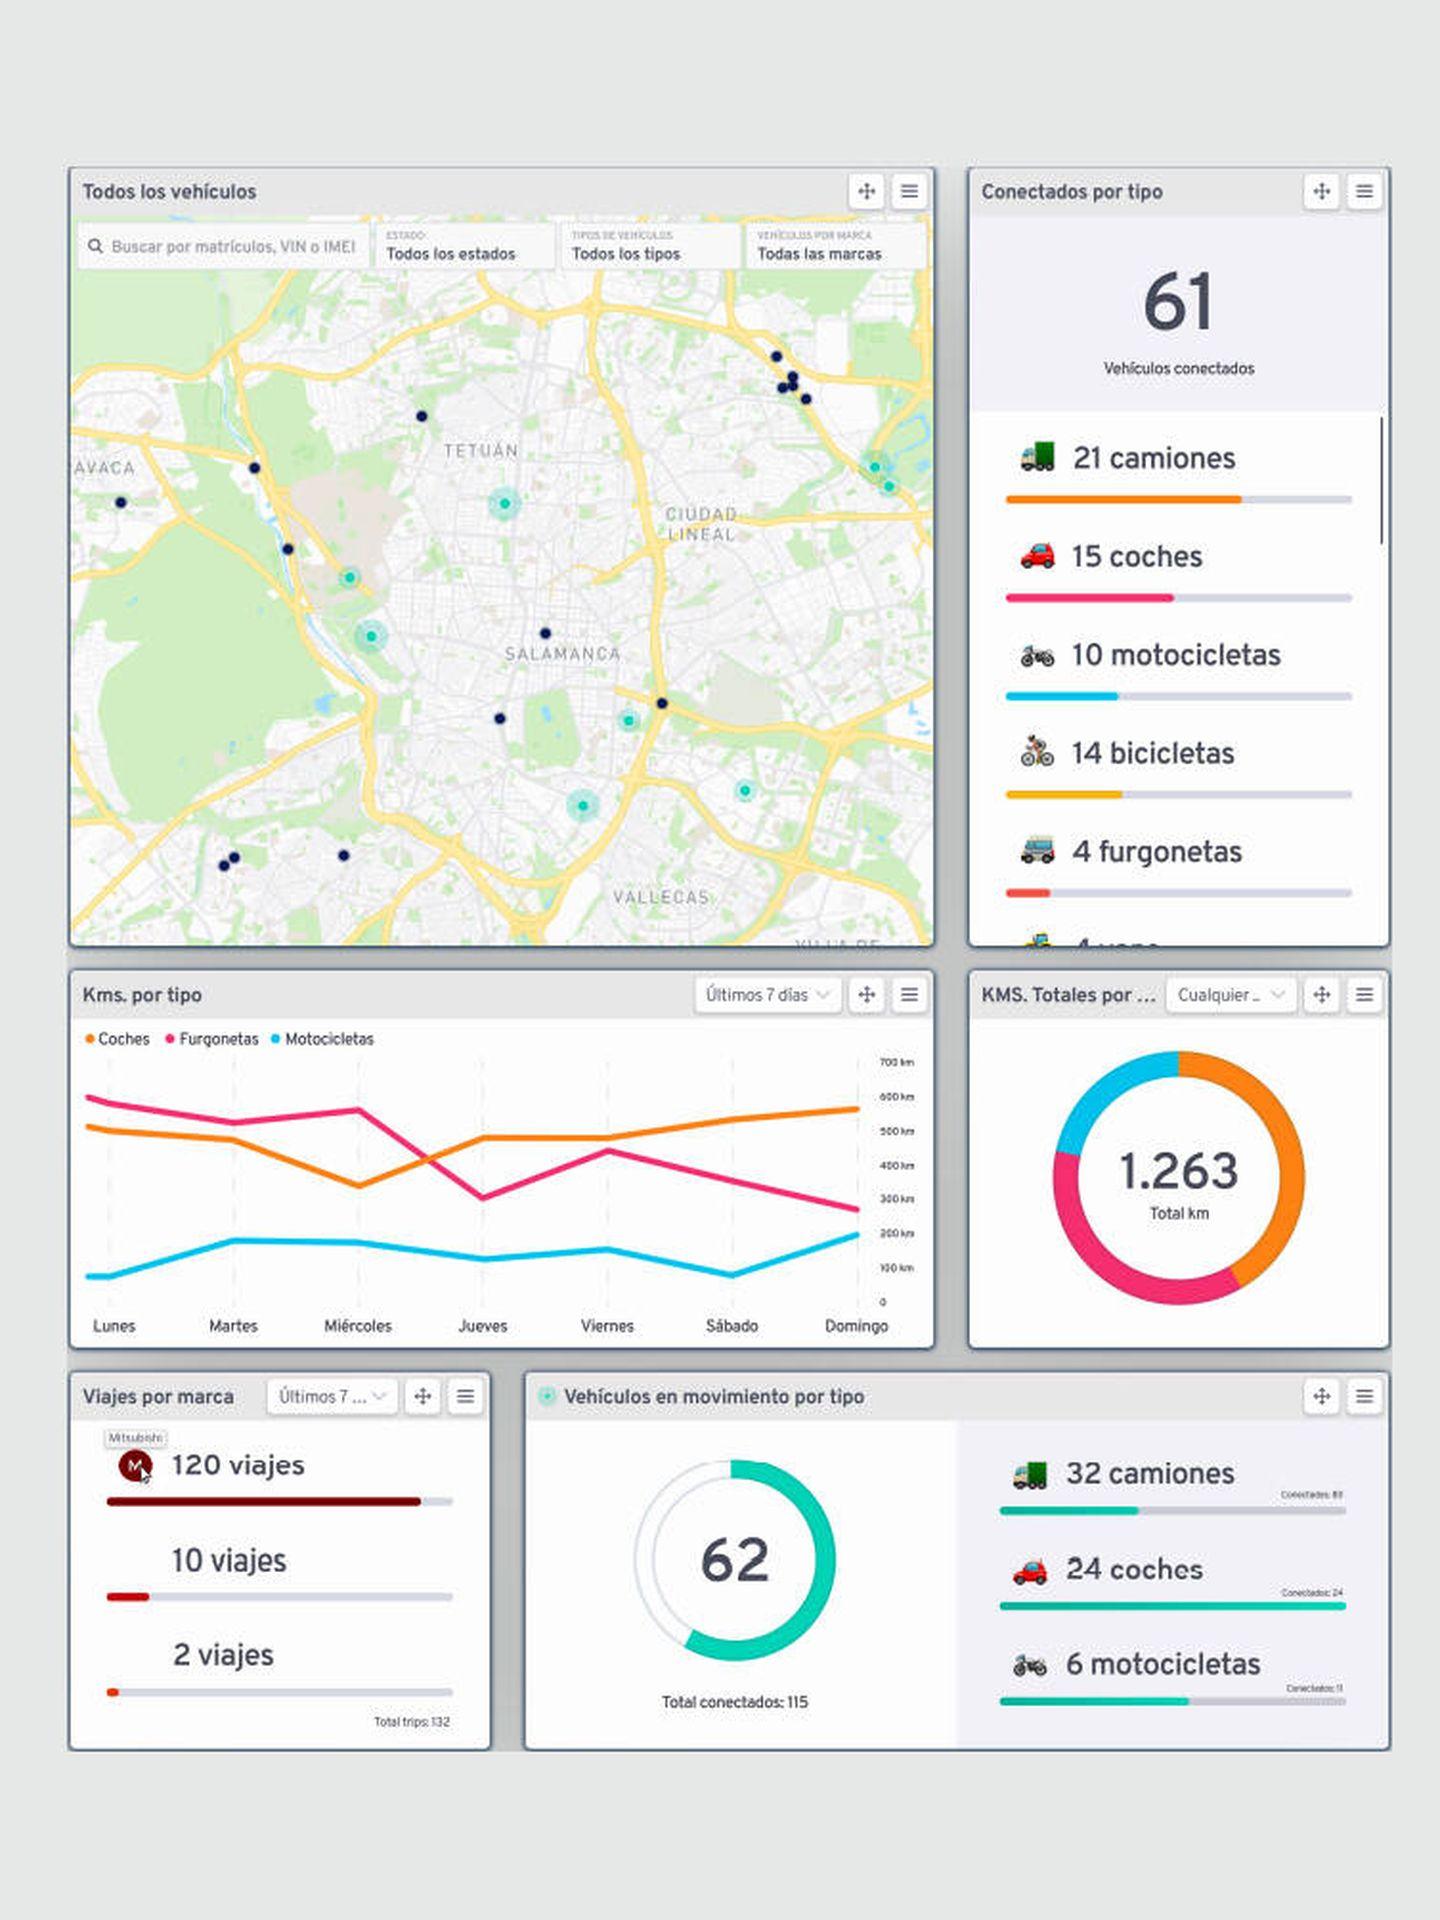 Los usuarios pueden acceder a multitud de información y detalles de todos los vehículos de su flota a través de una sola herramienta común.